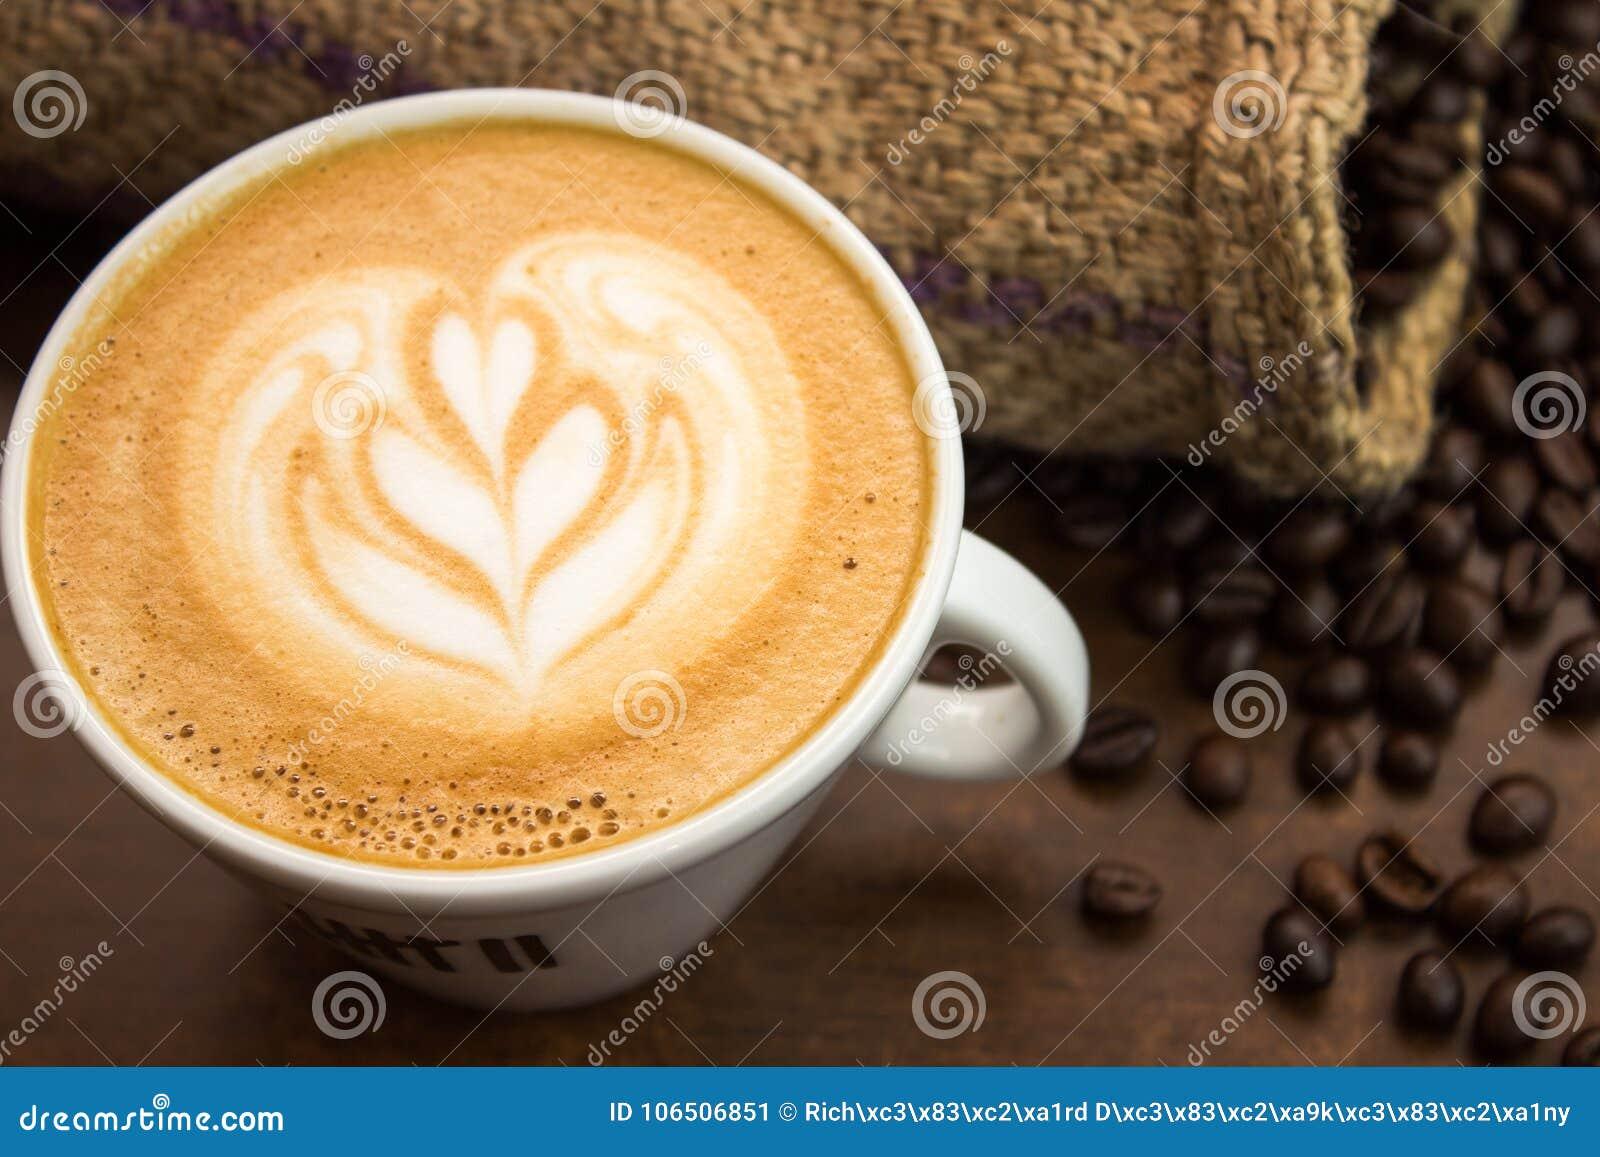 Petit art de latte de tulipe avec les haricots et le sac de coffe